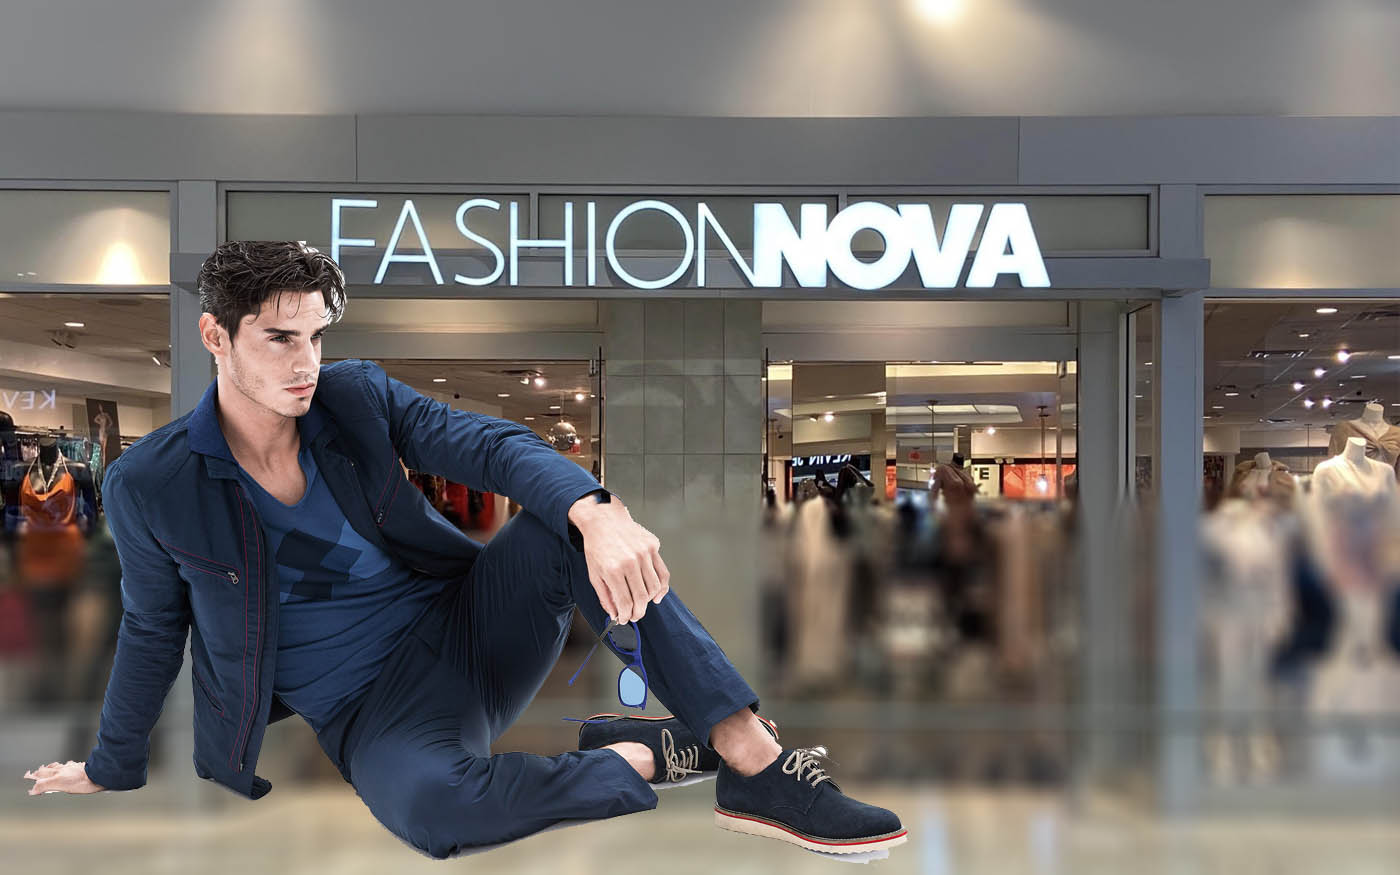 How Long Does Fashion Nova Take To Ship